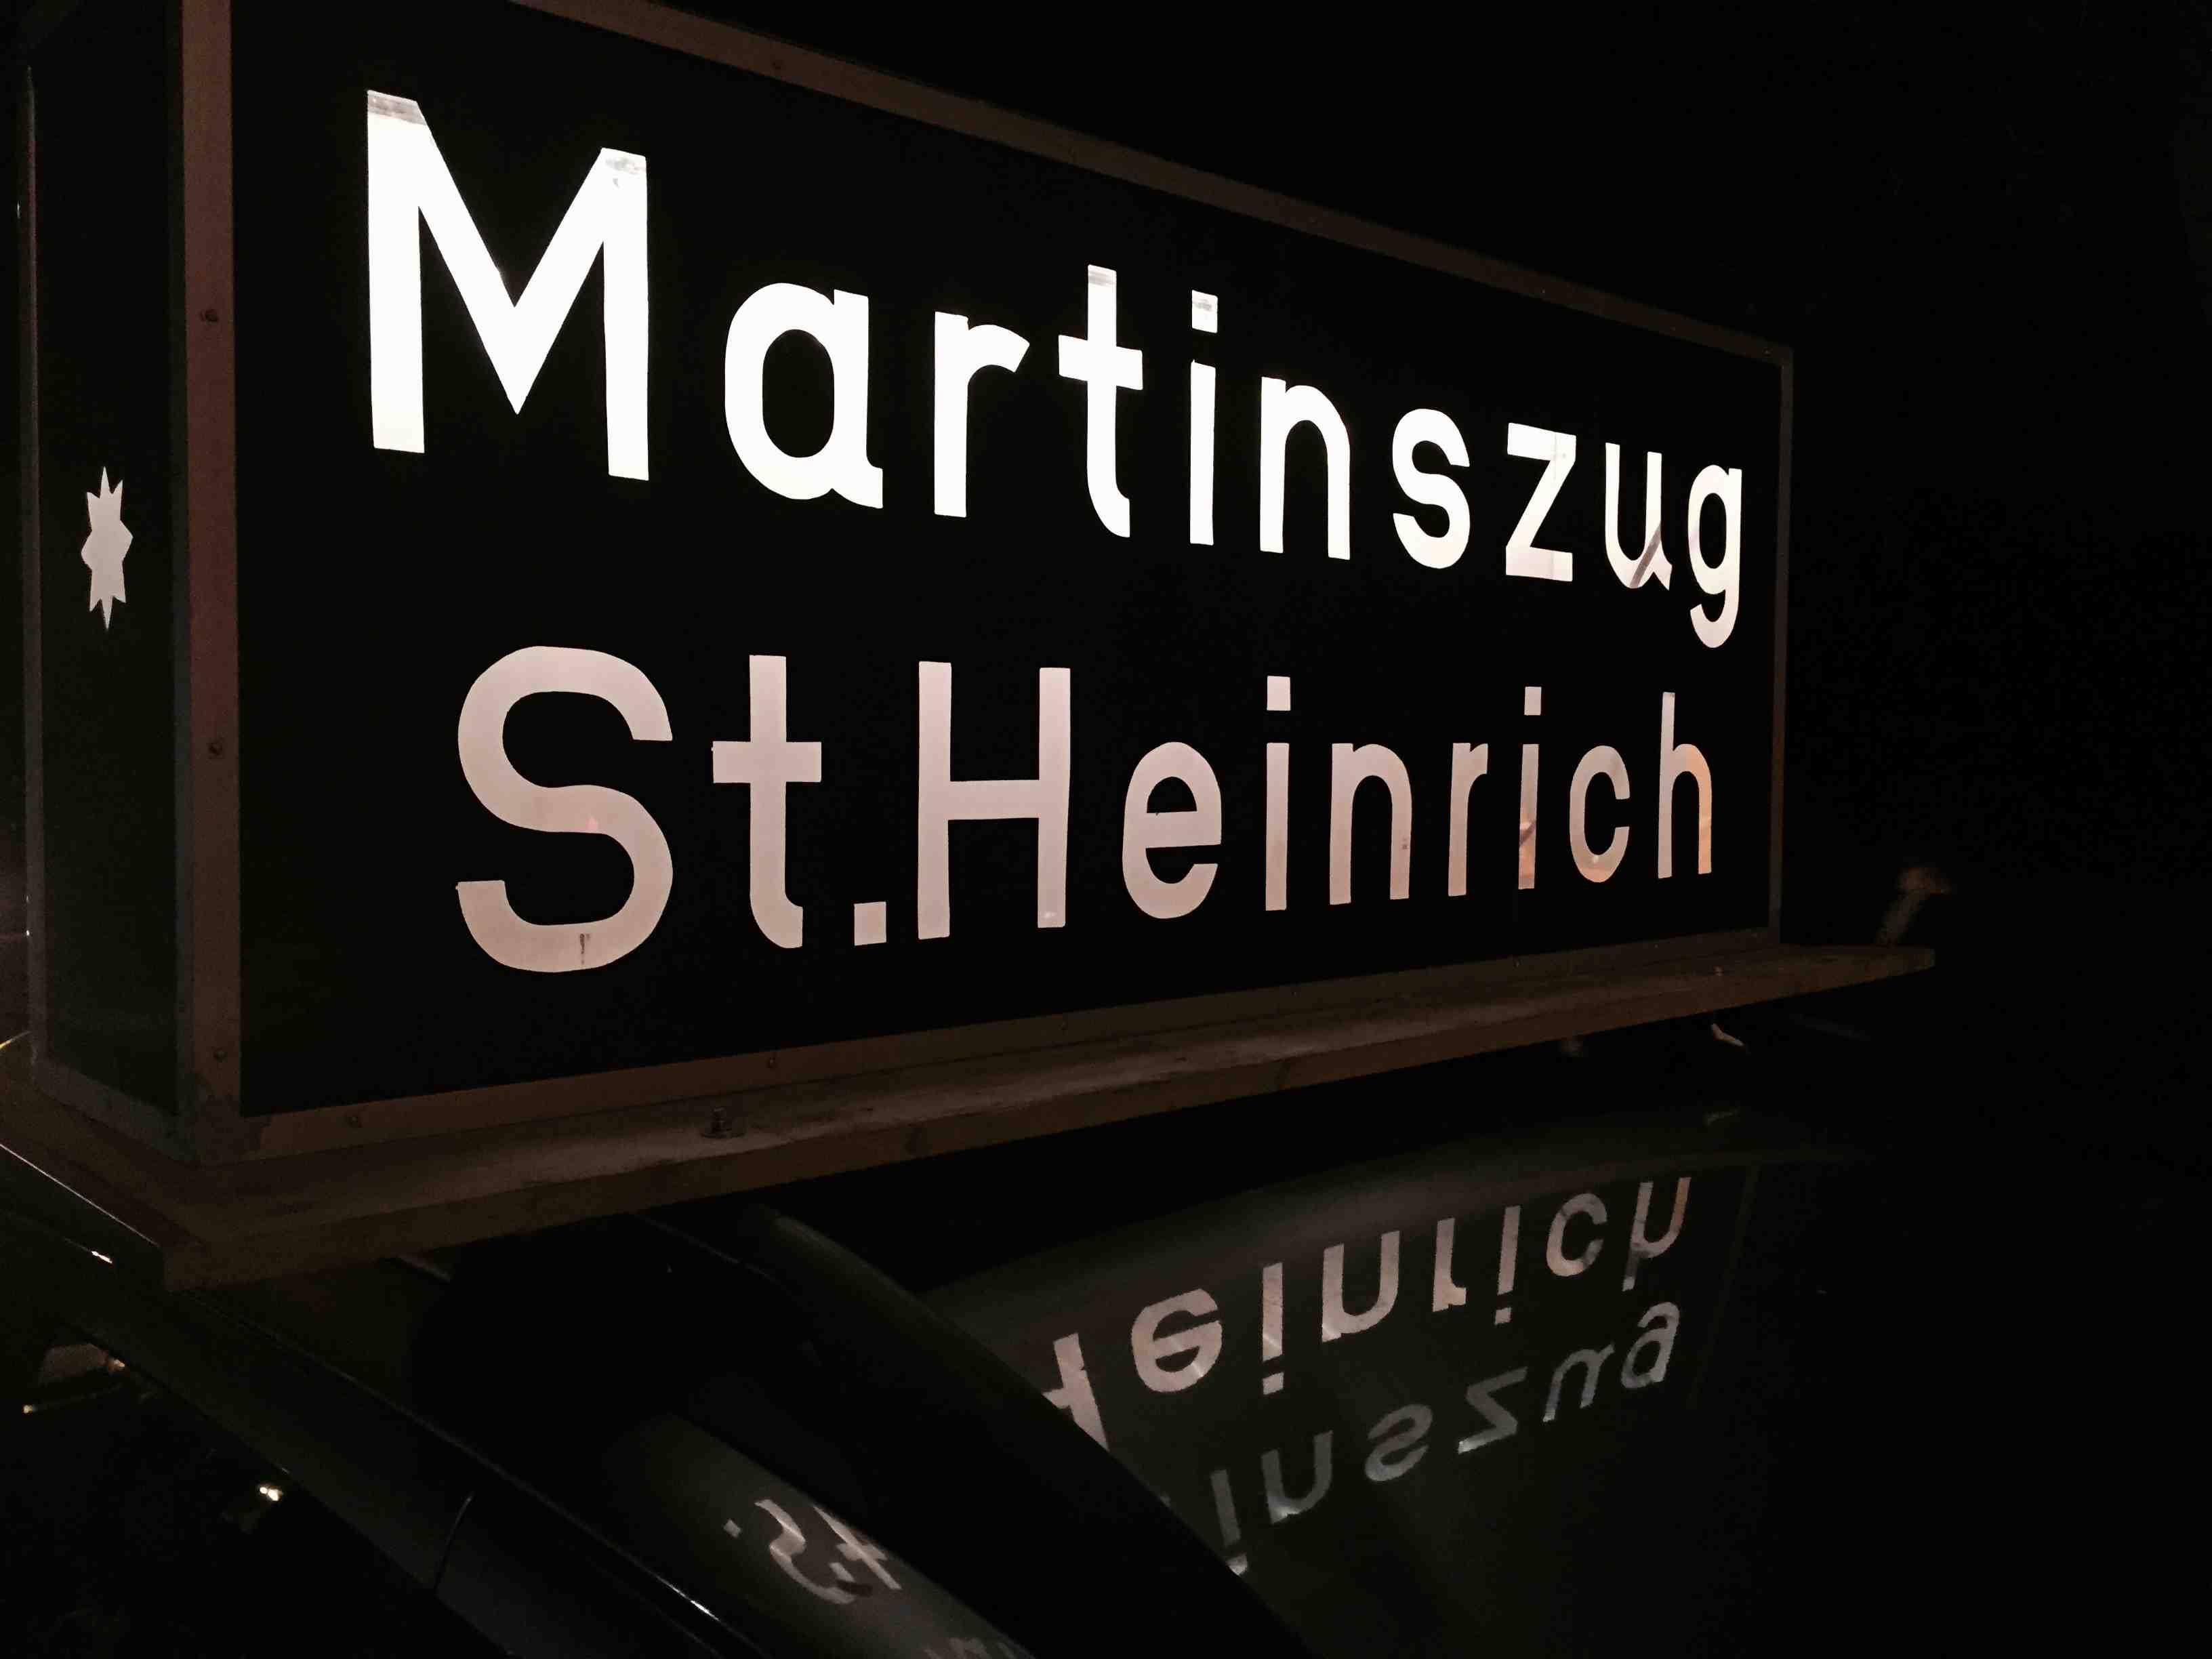 St.Martinsumzug-Schild